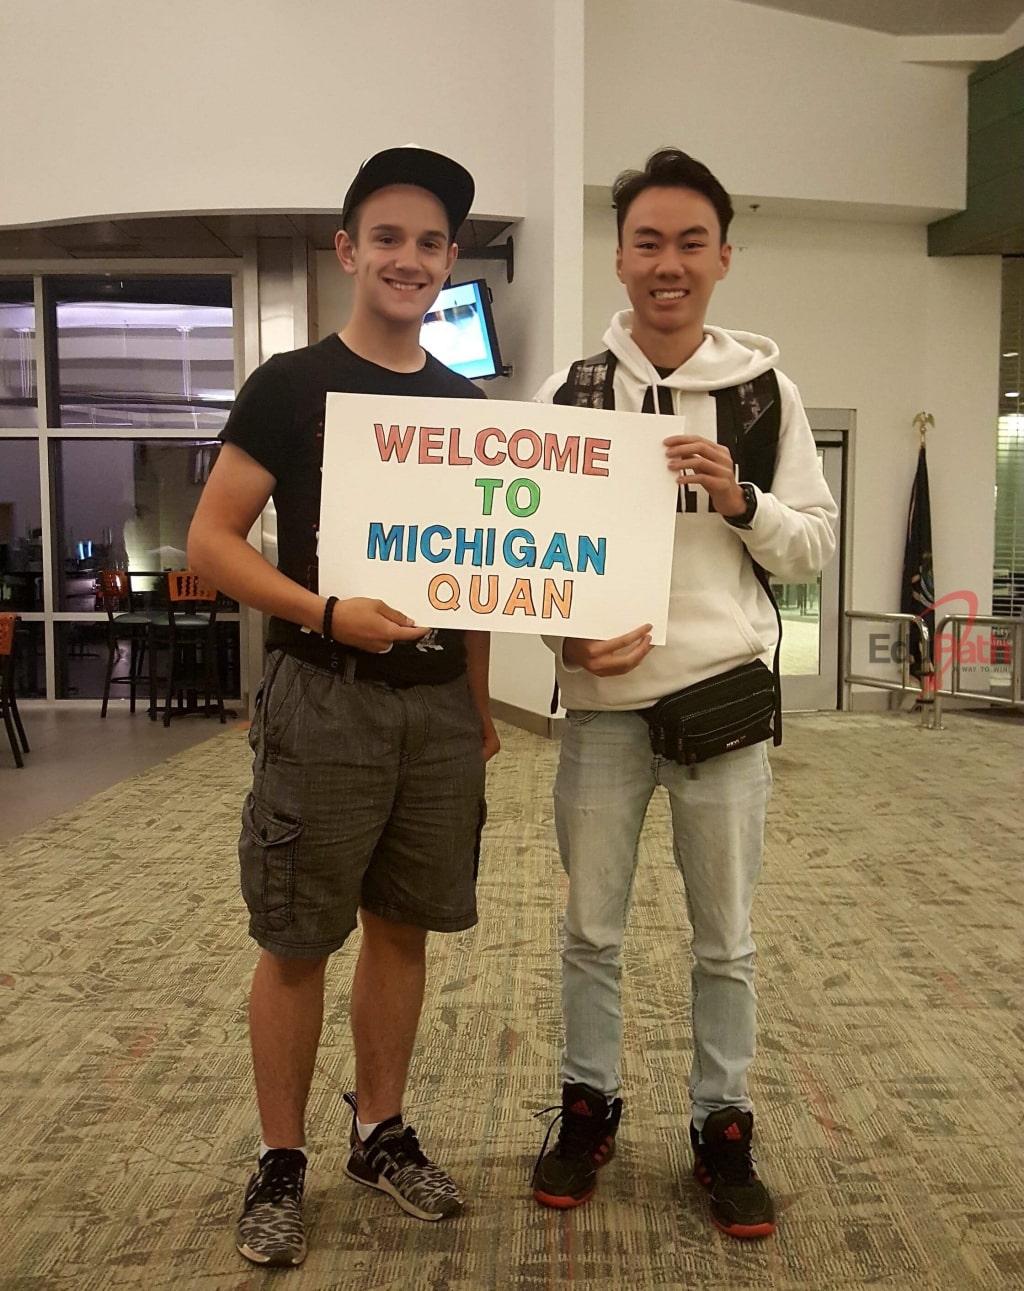 Du học sinh EduPath Trần Hoàng Quân được chào đón đến Mỹ